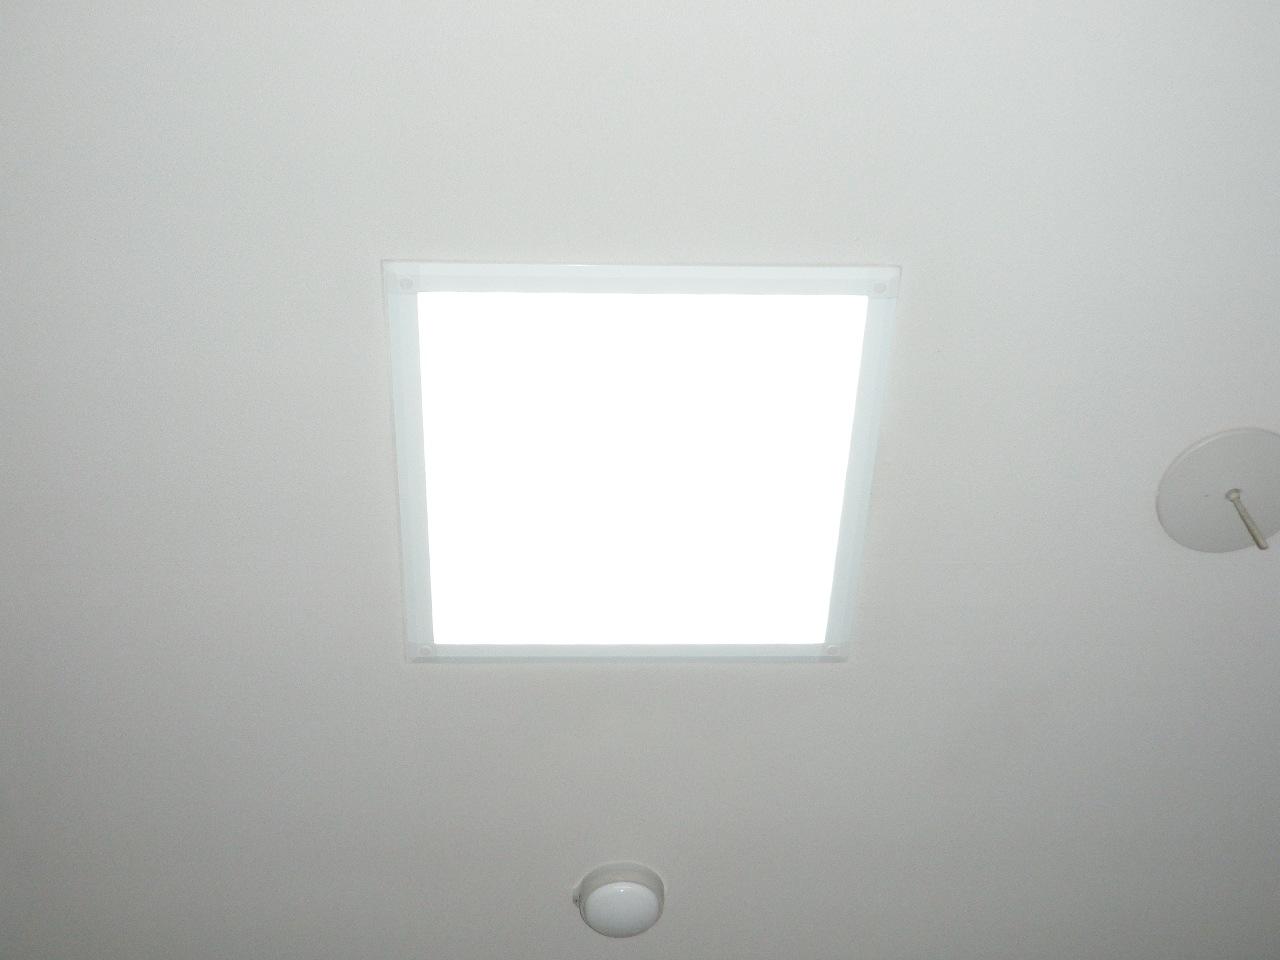 節電対策 LED照明交換 _a0229594_19393027.jpg